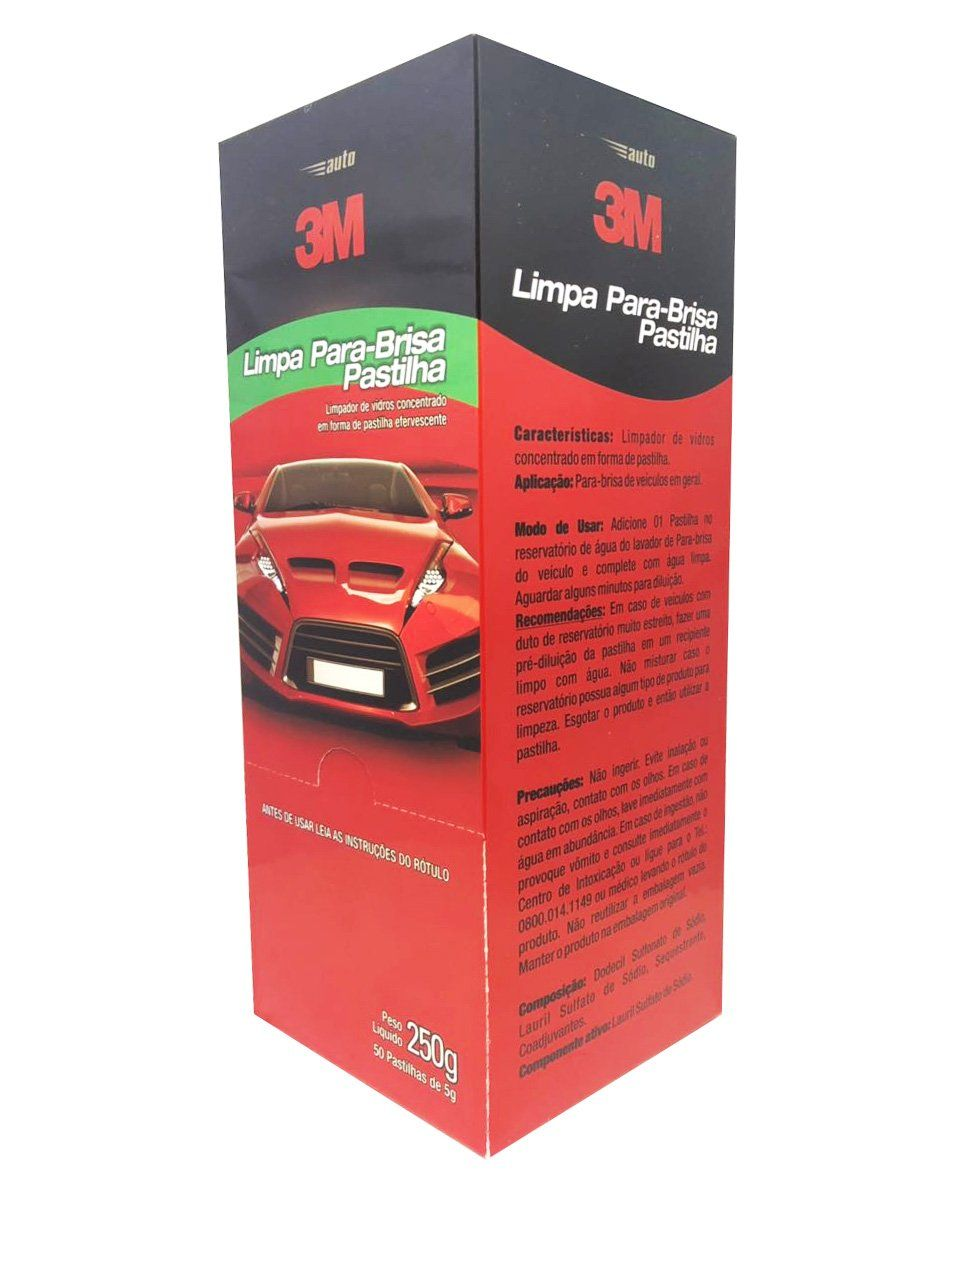 Pastilha Limpa Para-brisa 5g (Caixa com 50 unidades) 3M